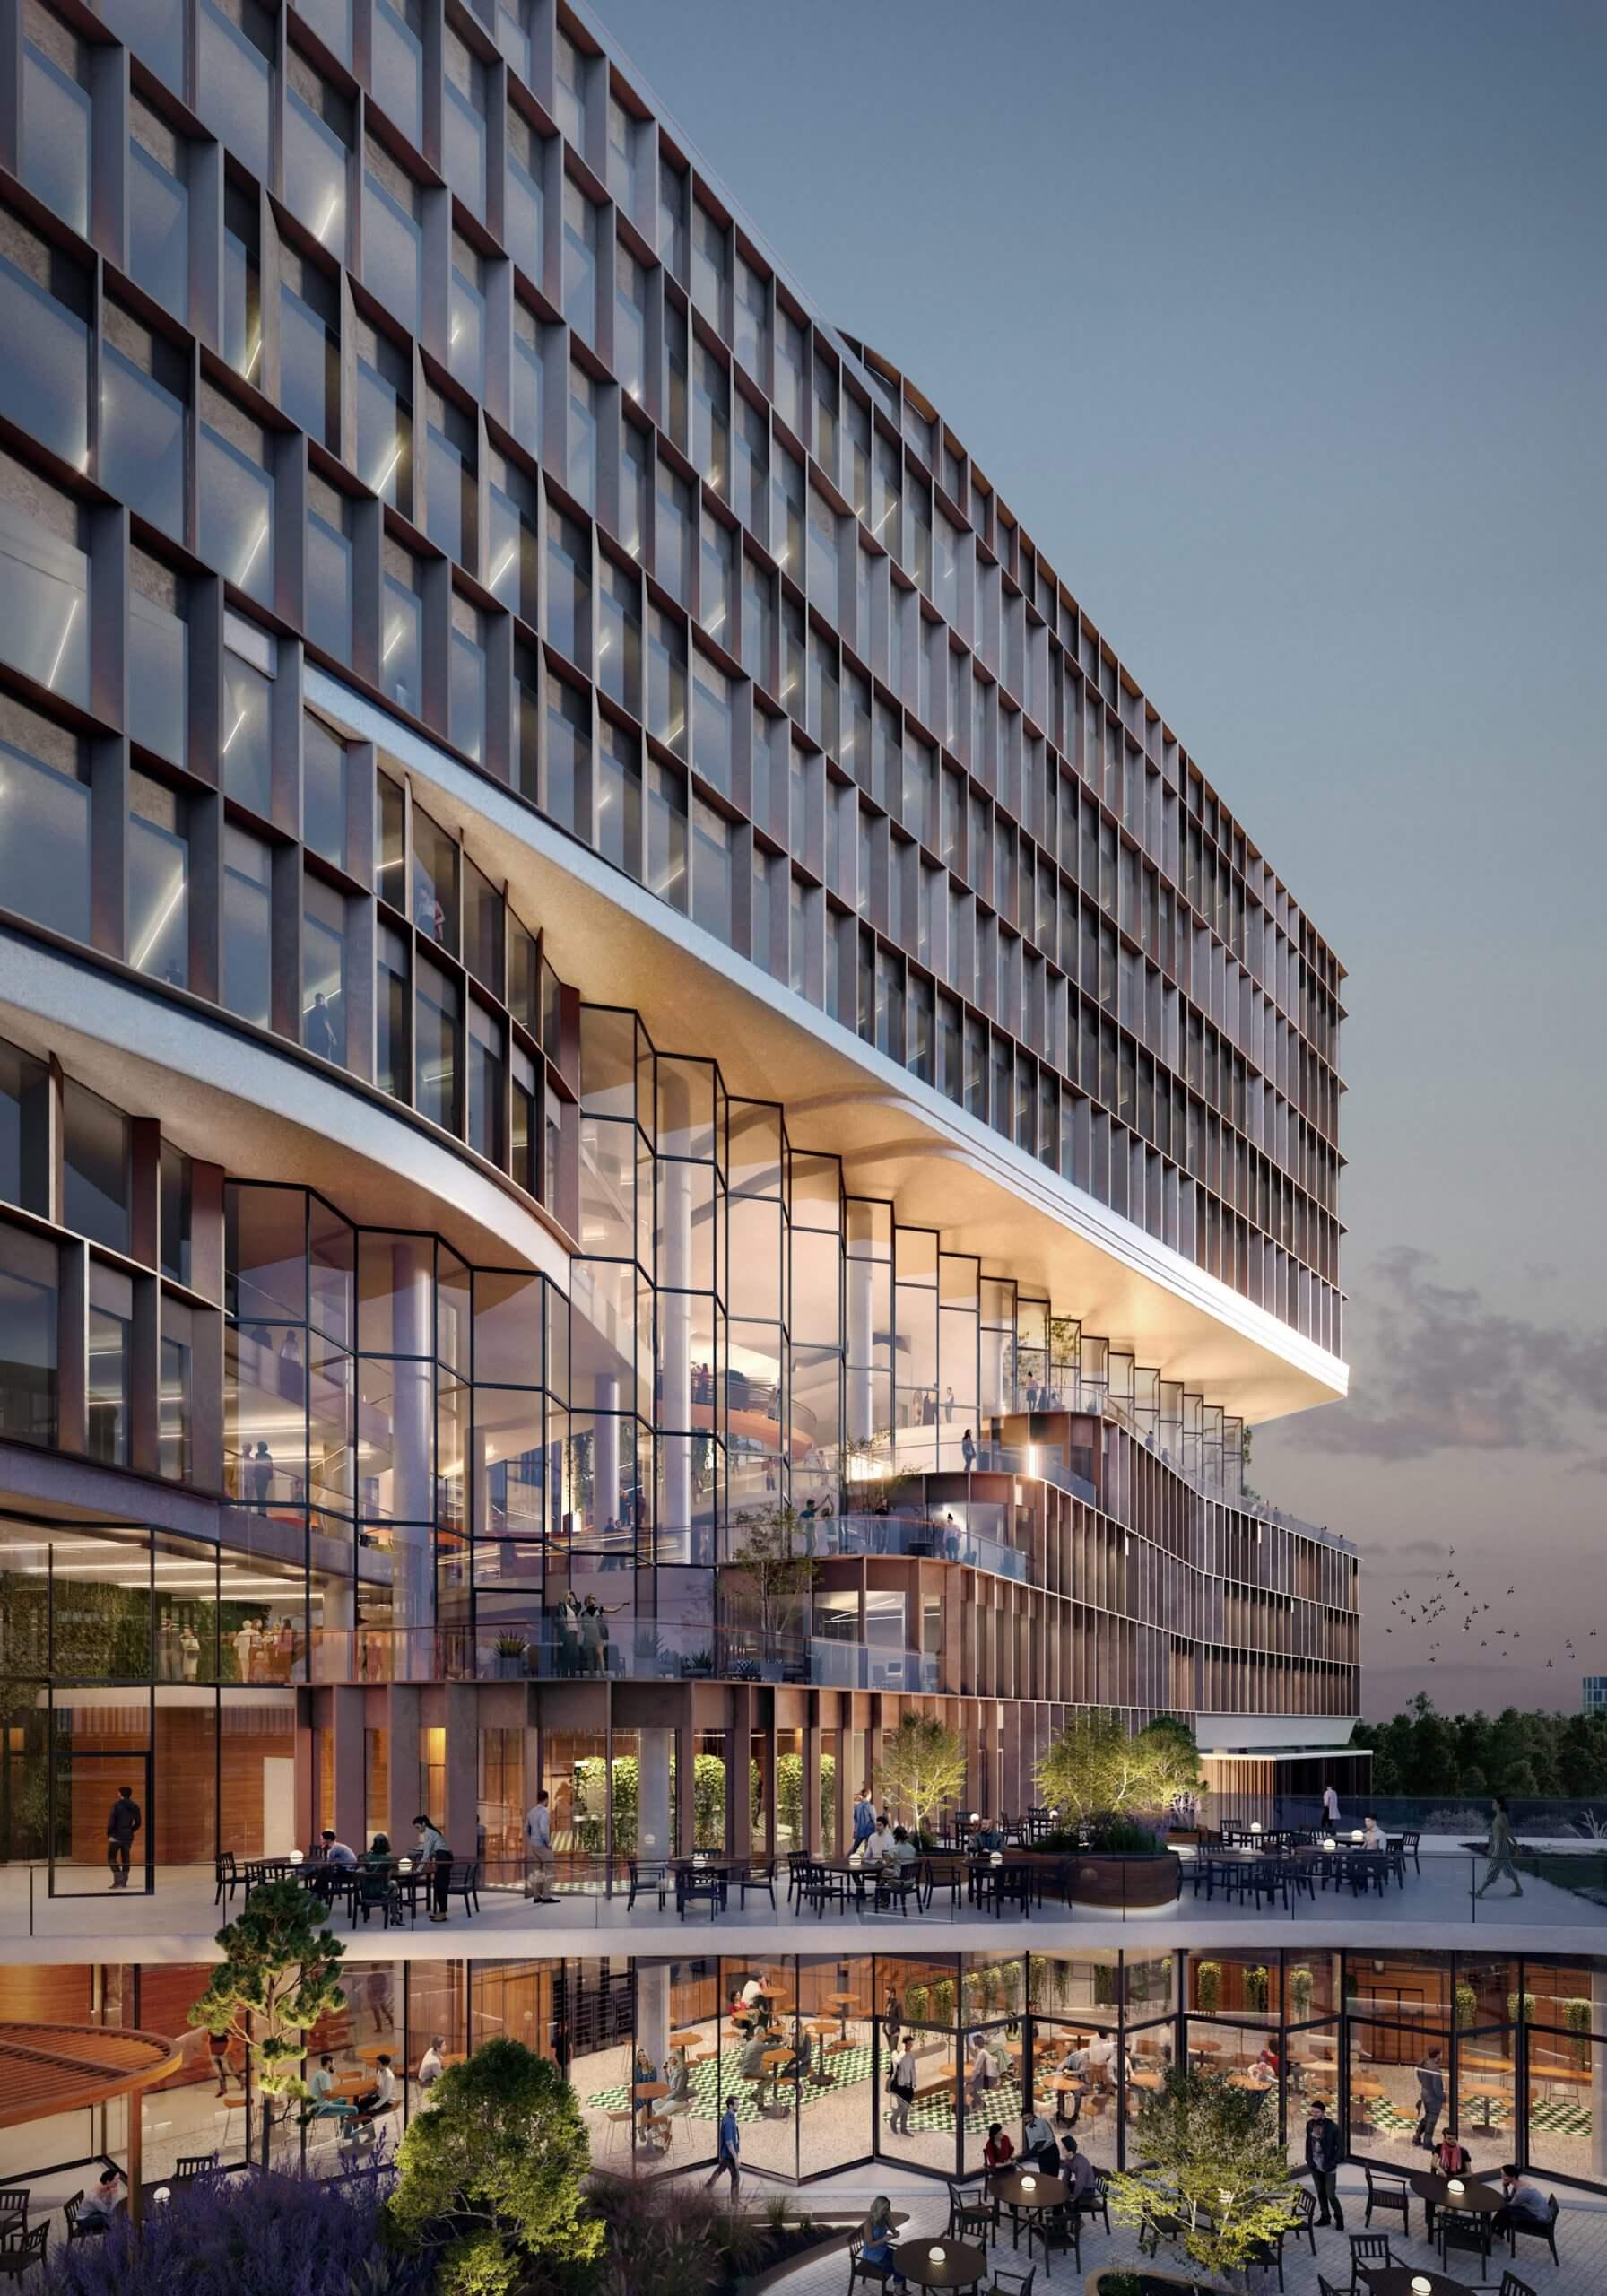 دفتر سنت پترزبورگ،با دهلیز زیگزاگ